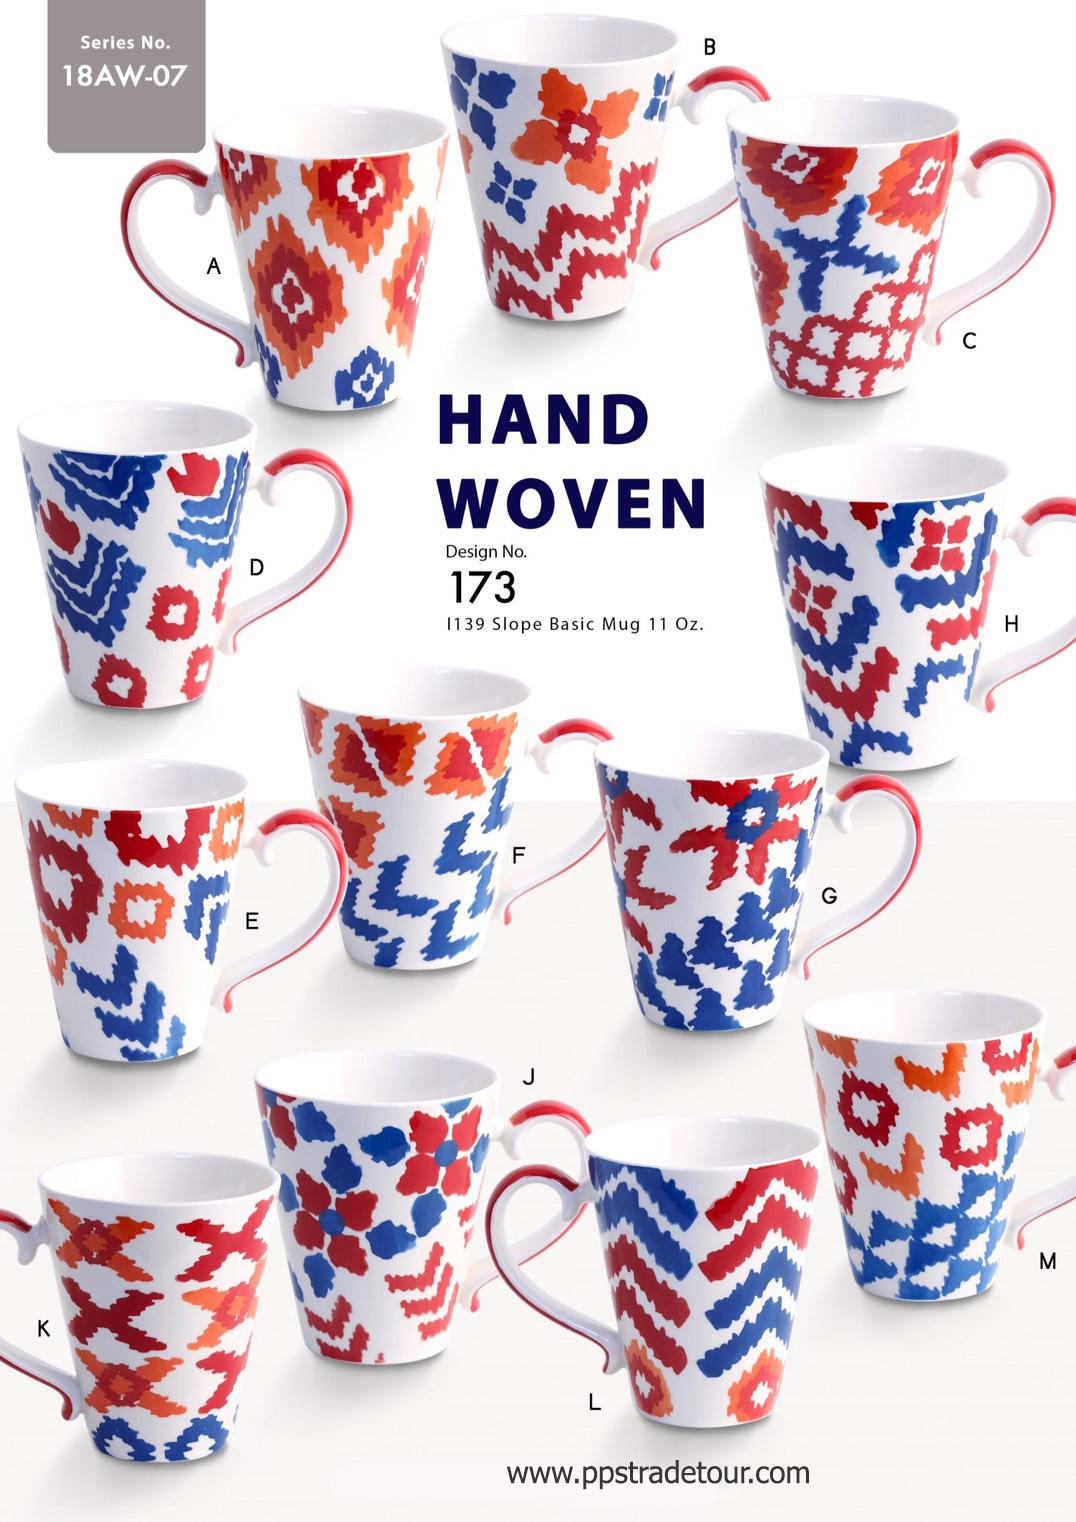 Hand Woven-Ceramic Mug 11 Oz.